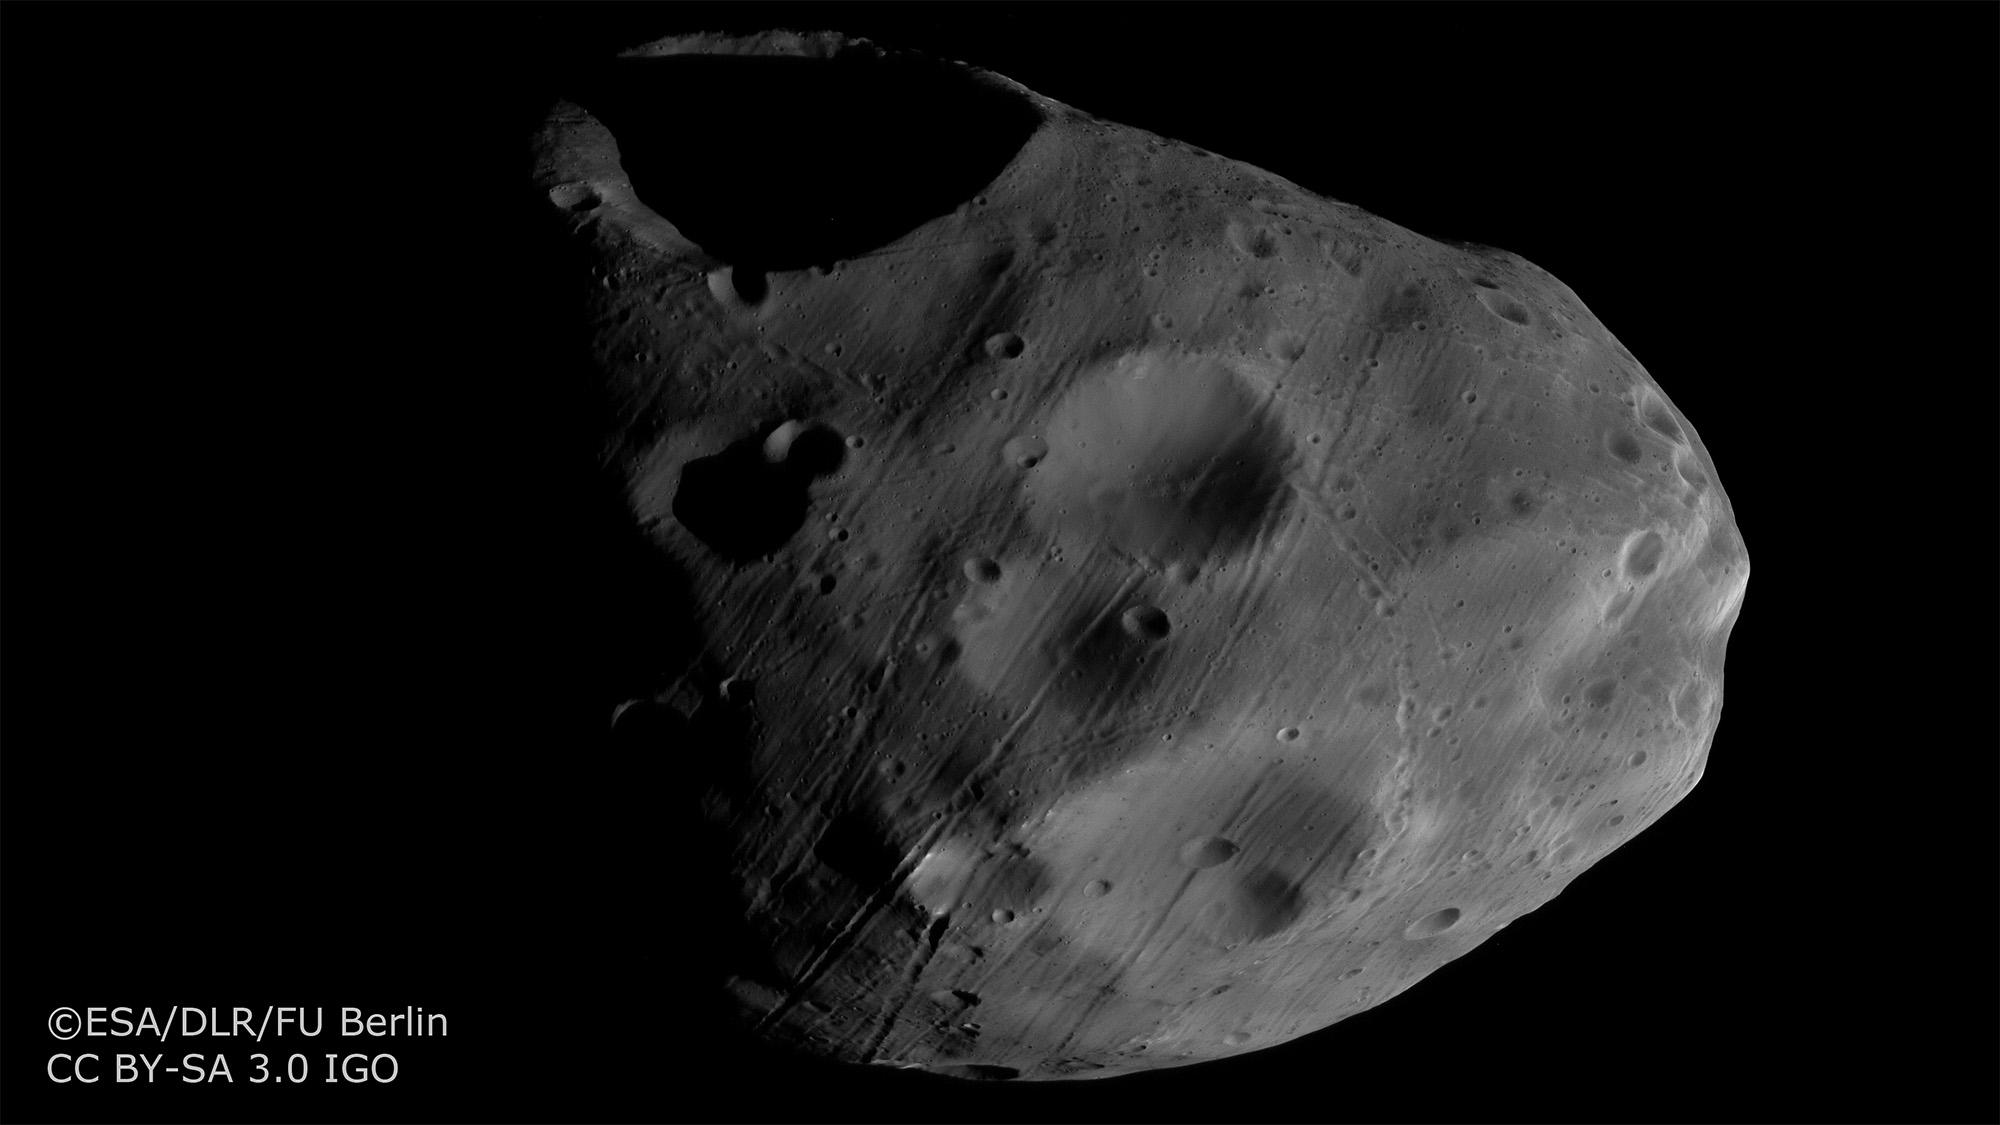 phobos mars moon gif - HD1920×1080